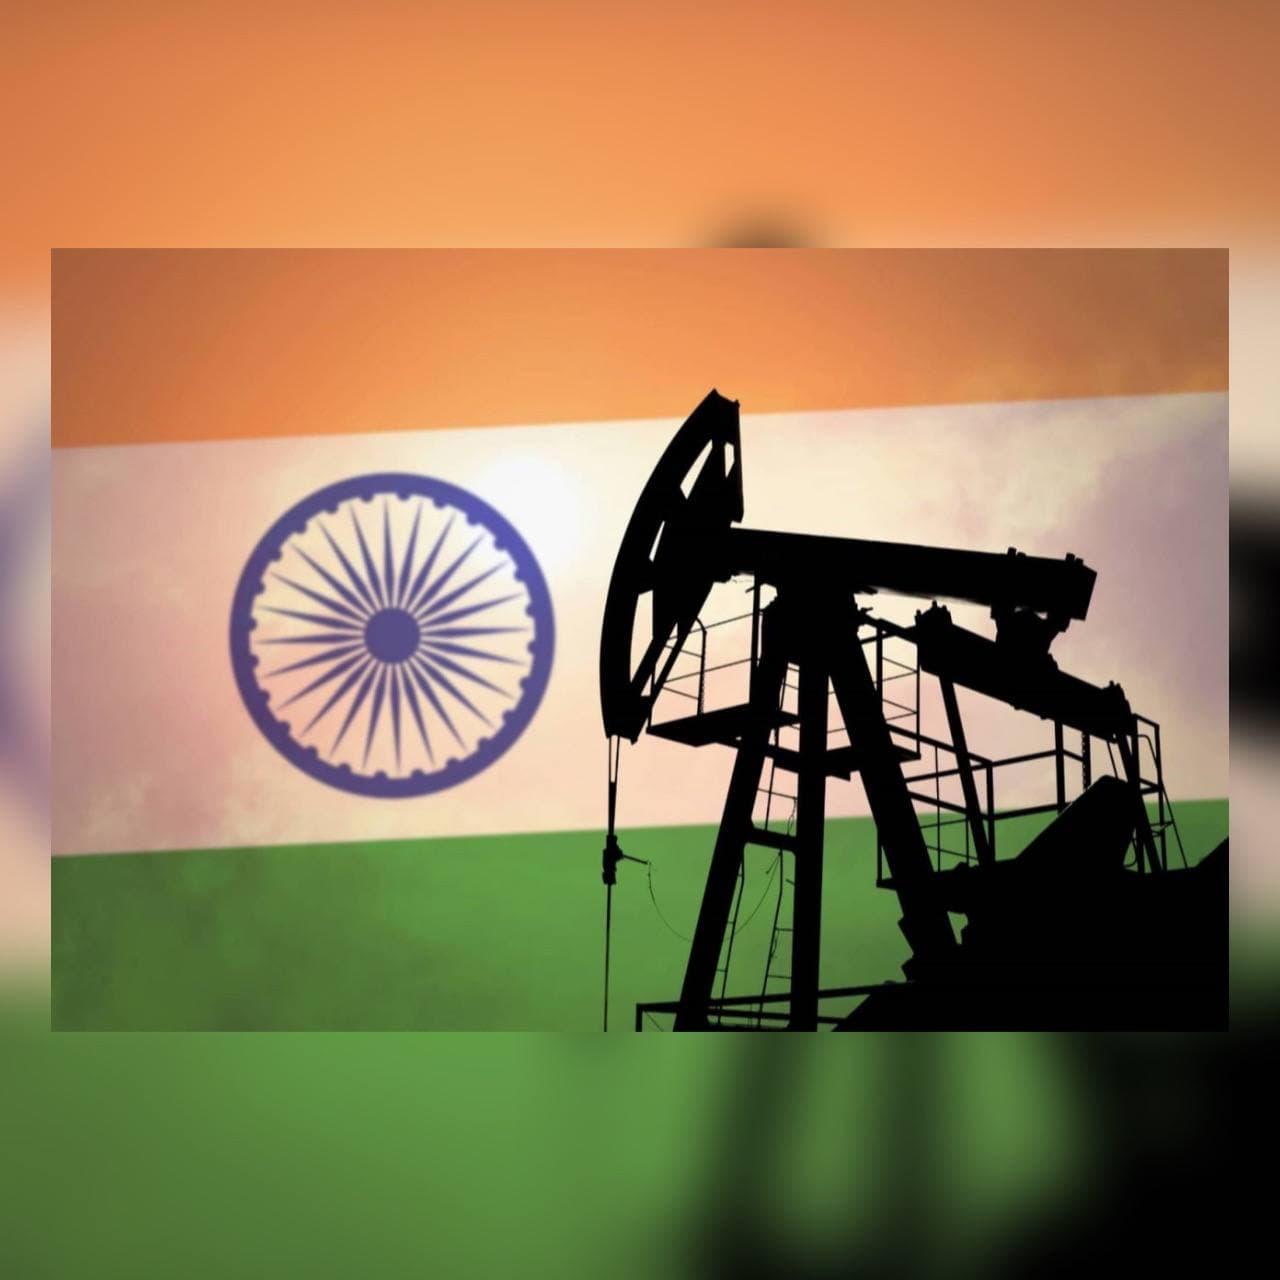 اسعار النفط وتفاوت العوامل المحركة للأسواق